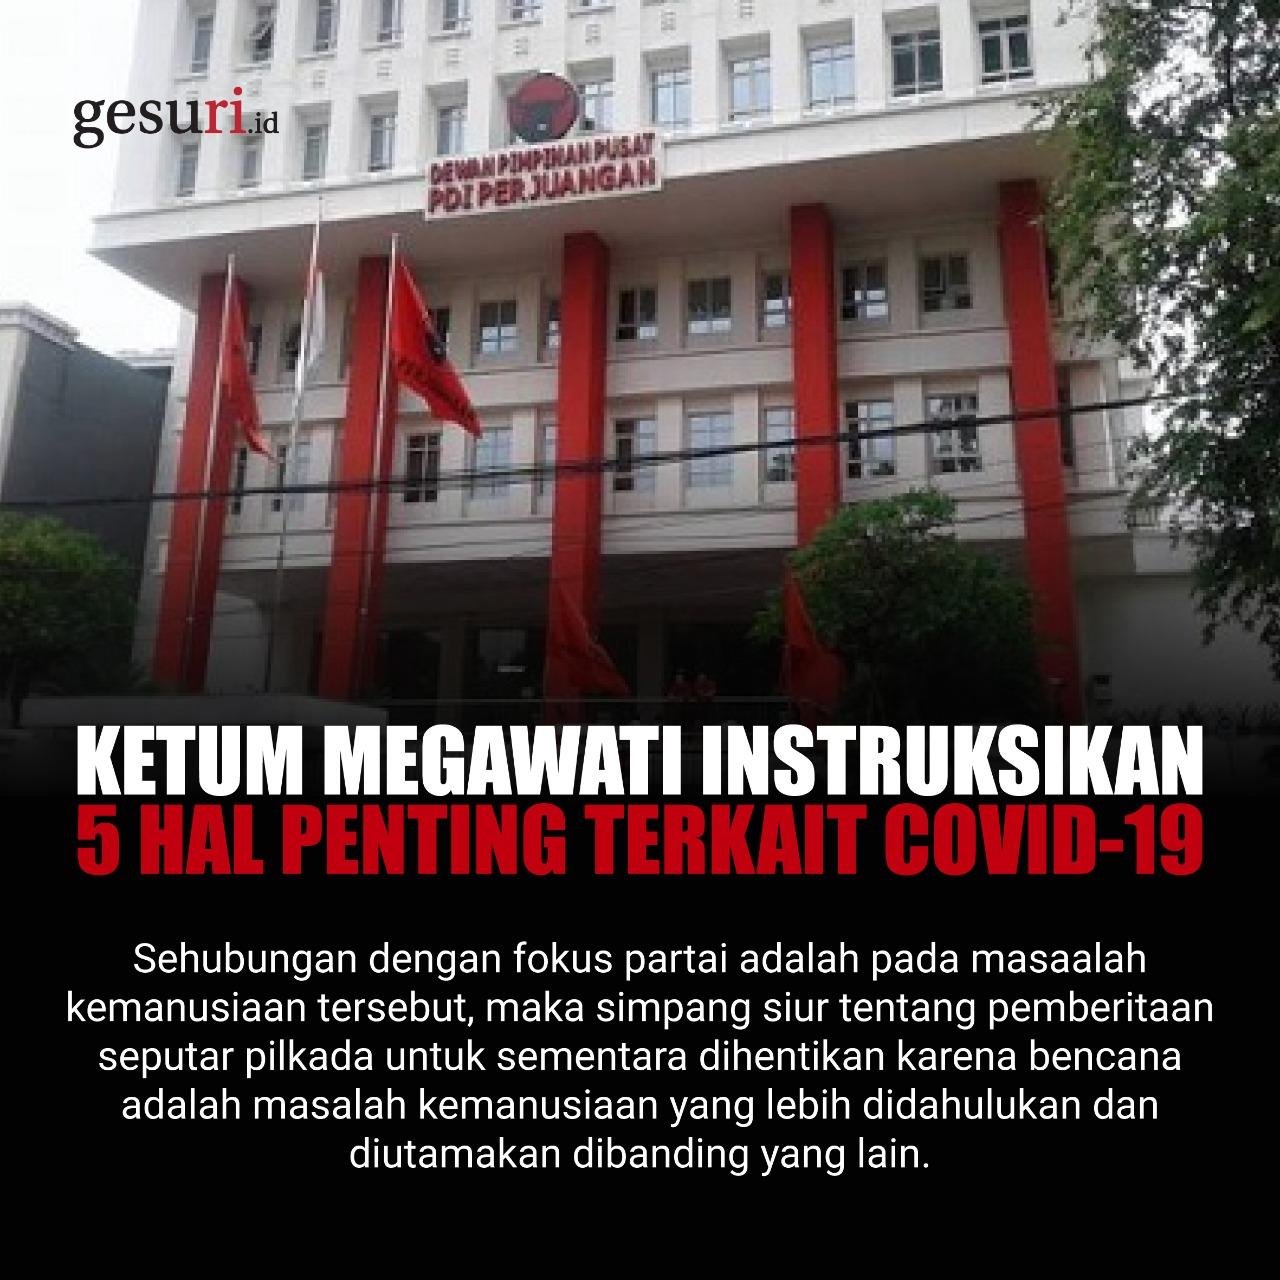 Ketum Megawati Instruksikan 5 Hal Penting Terkait Covid-19